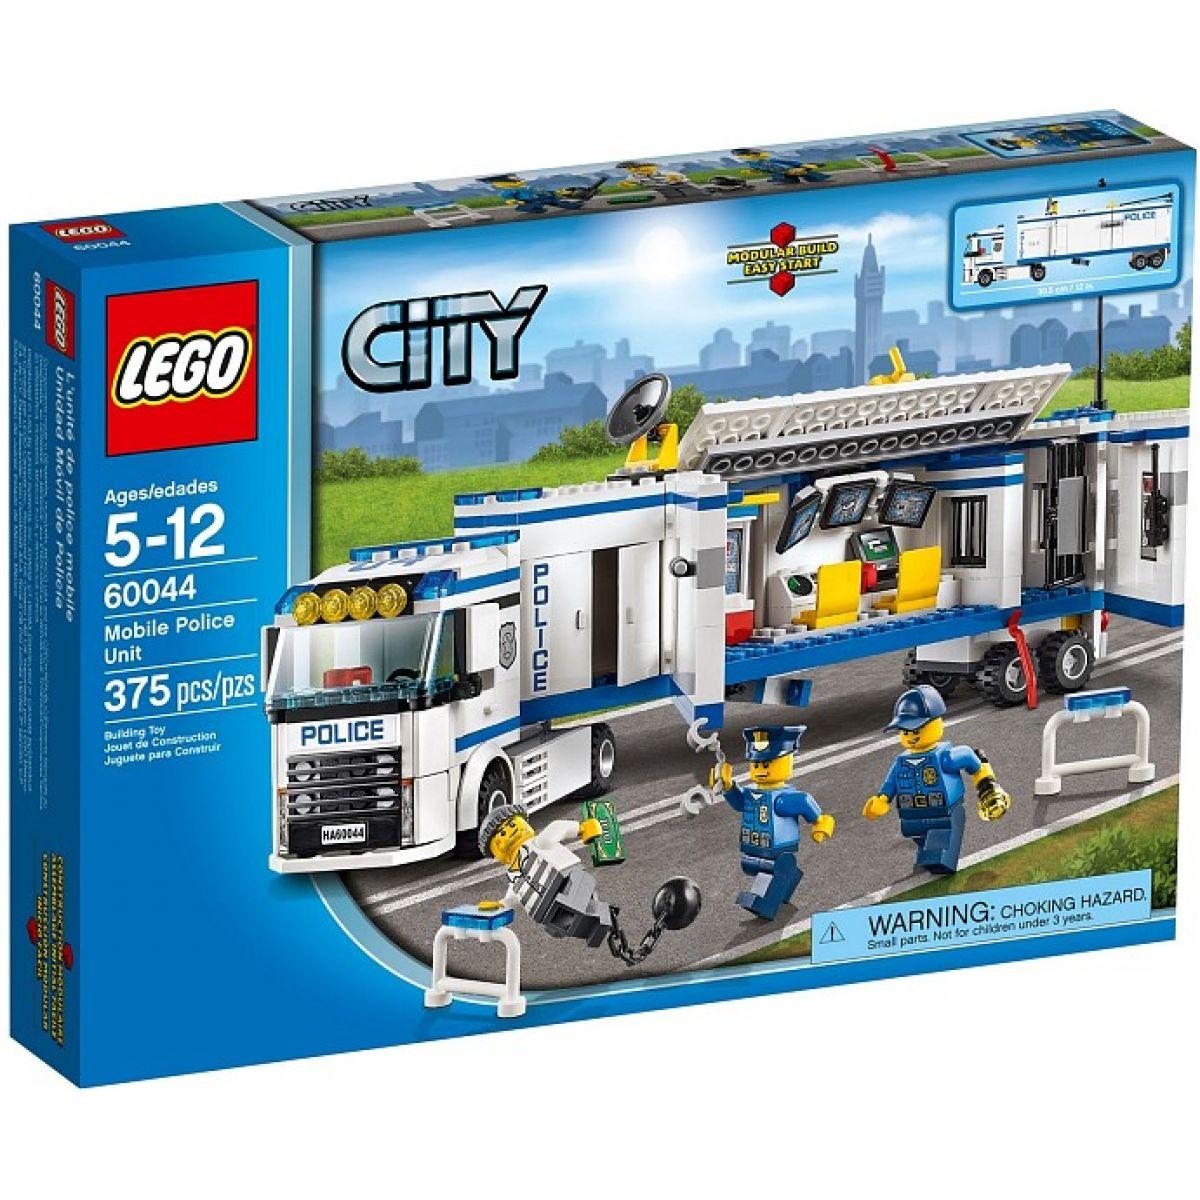 LEGO City 60044 Mobilní policejní stanice - Poškozený obal